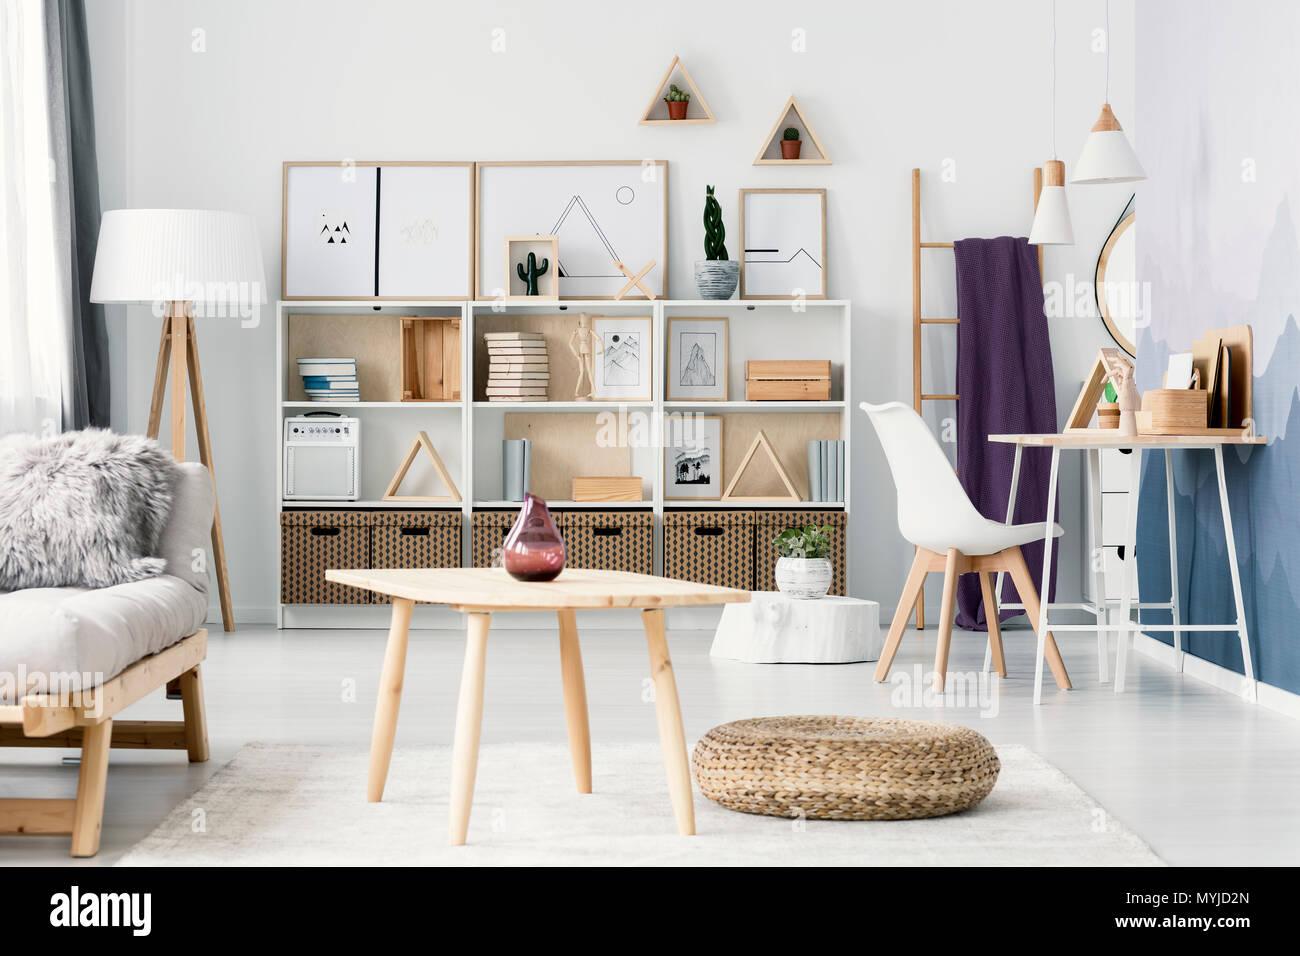 Pouf accanto a un tavolo di legno in spazio aperto interno con sedia bianca alla scrivania e poster sulla parete Immagini Stock